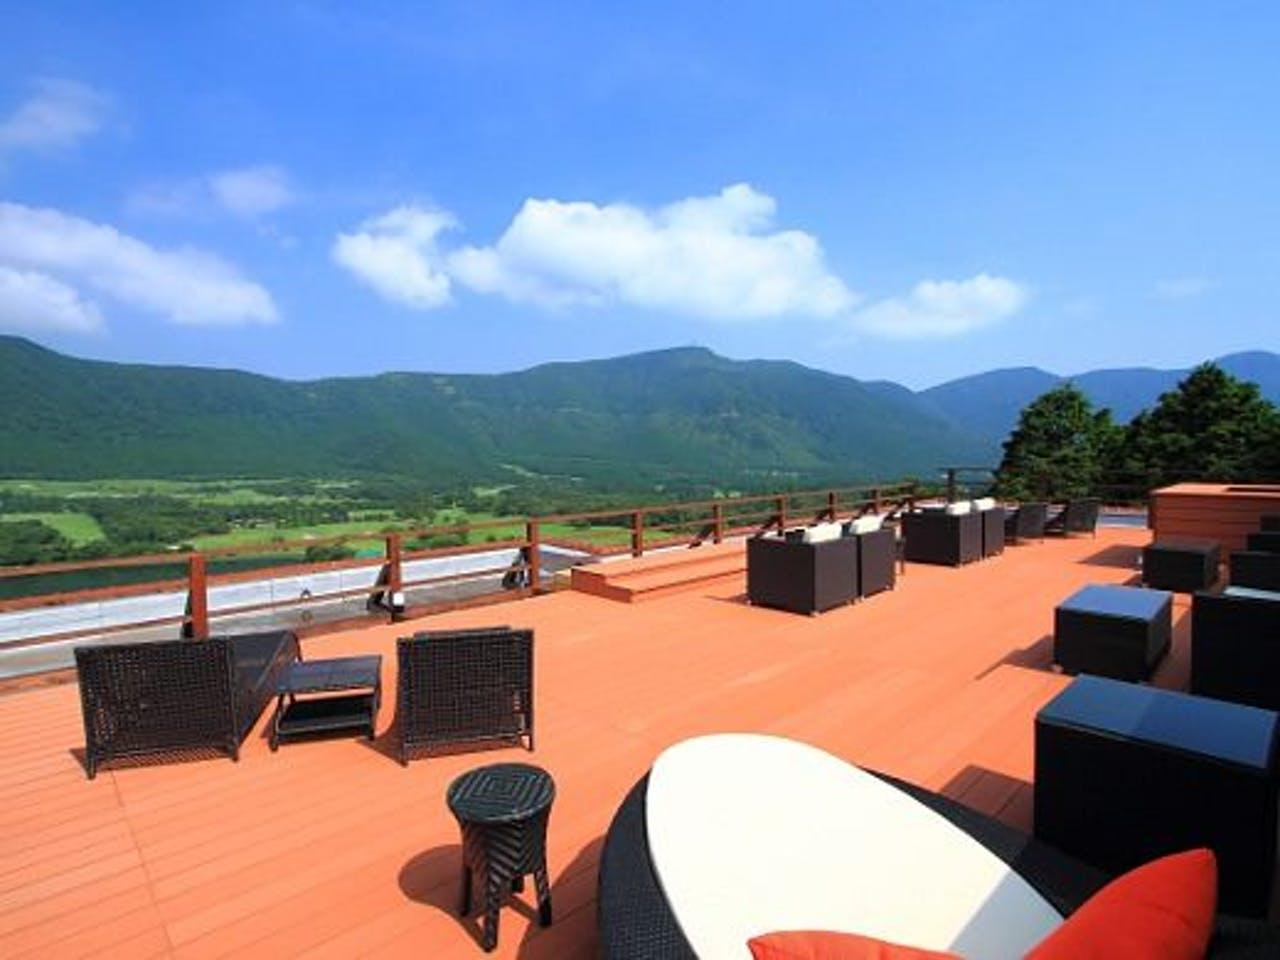 箱根溫泉星之光旅館屋頂觀景台